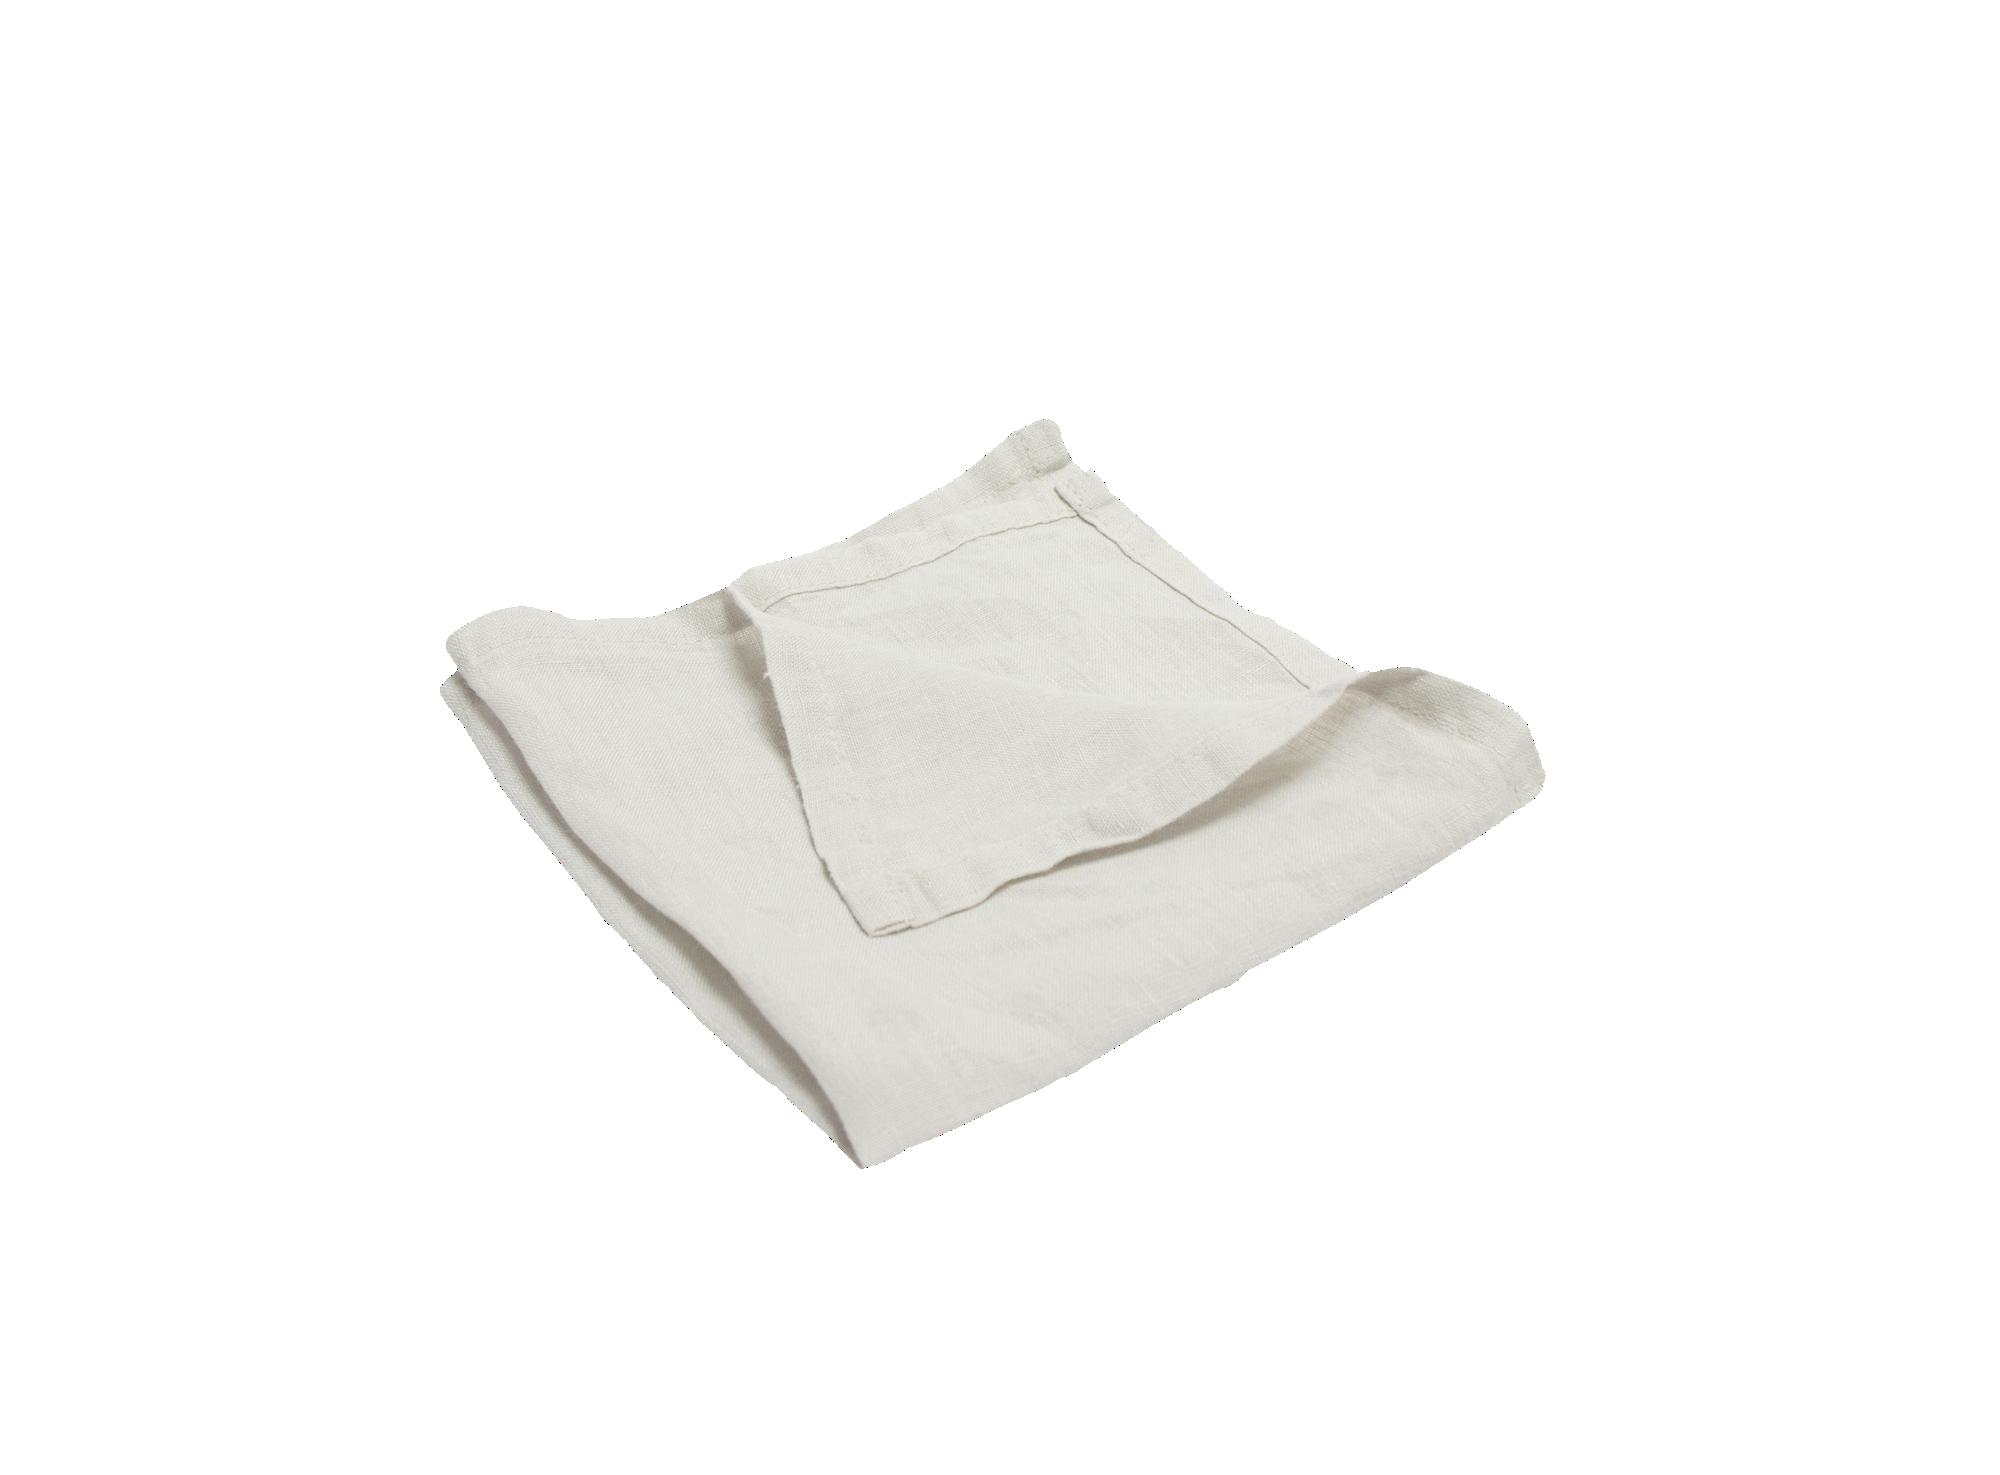 Serviette 40x40cm 100% lin coloris blanc densite 150g/m2  lavable en  ...